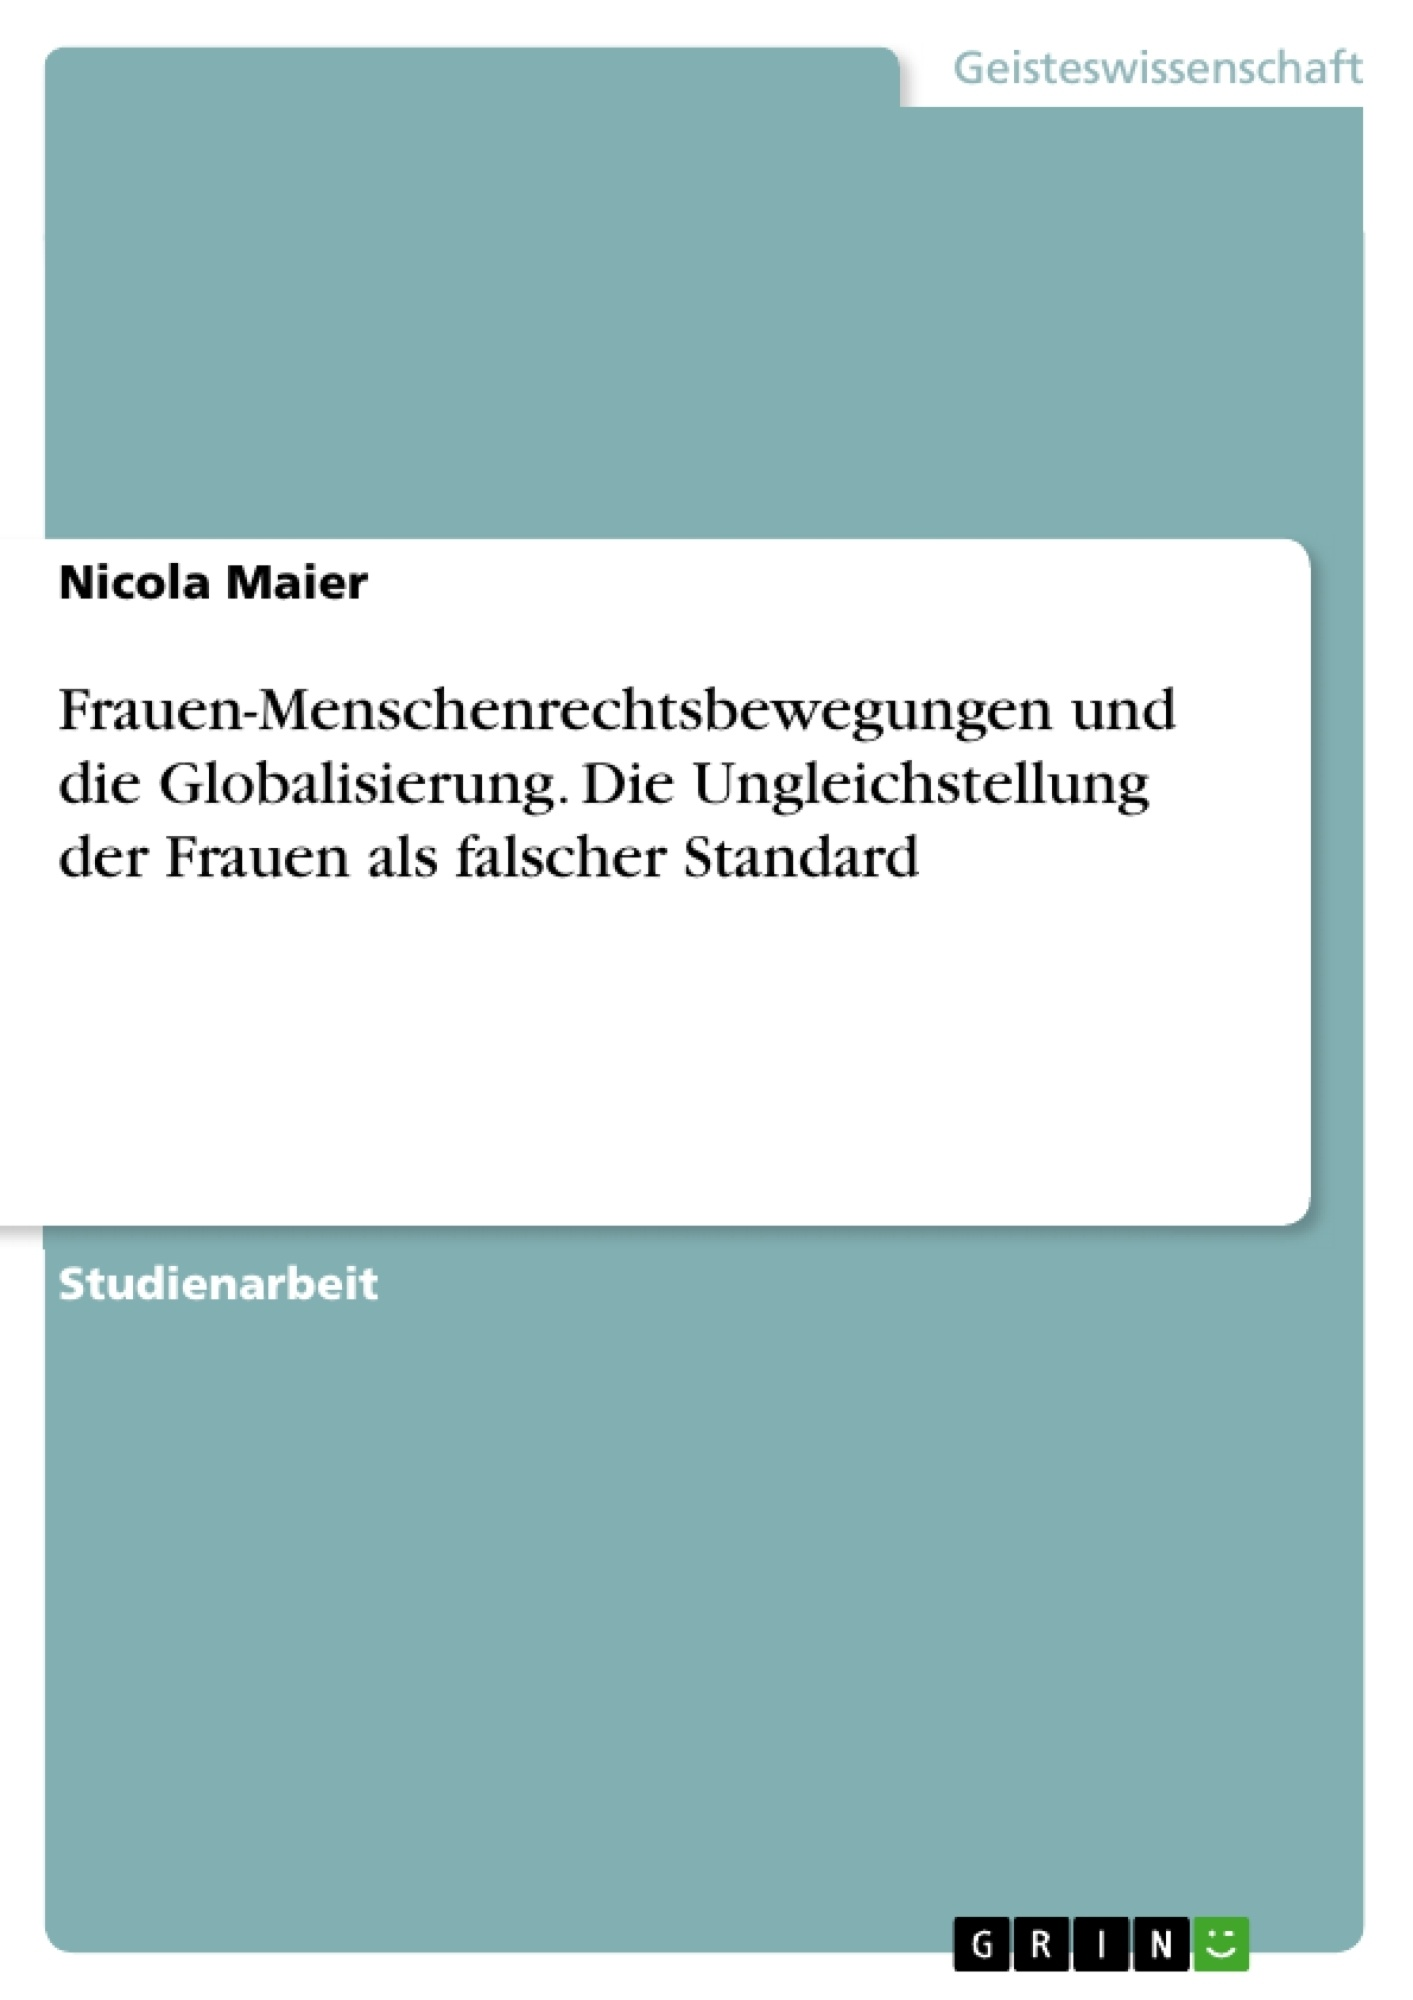 Titel: Frauen-Menschenrechtsbewegungen und die Globalisierung. Die Ungleichstellung der Frauen als falscher Standard